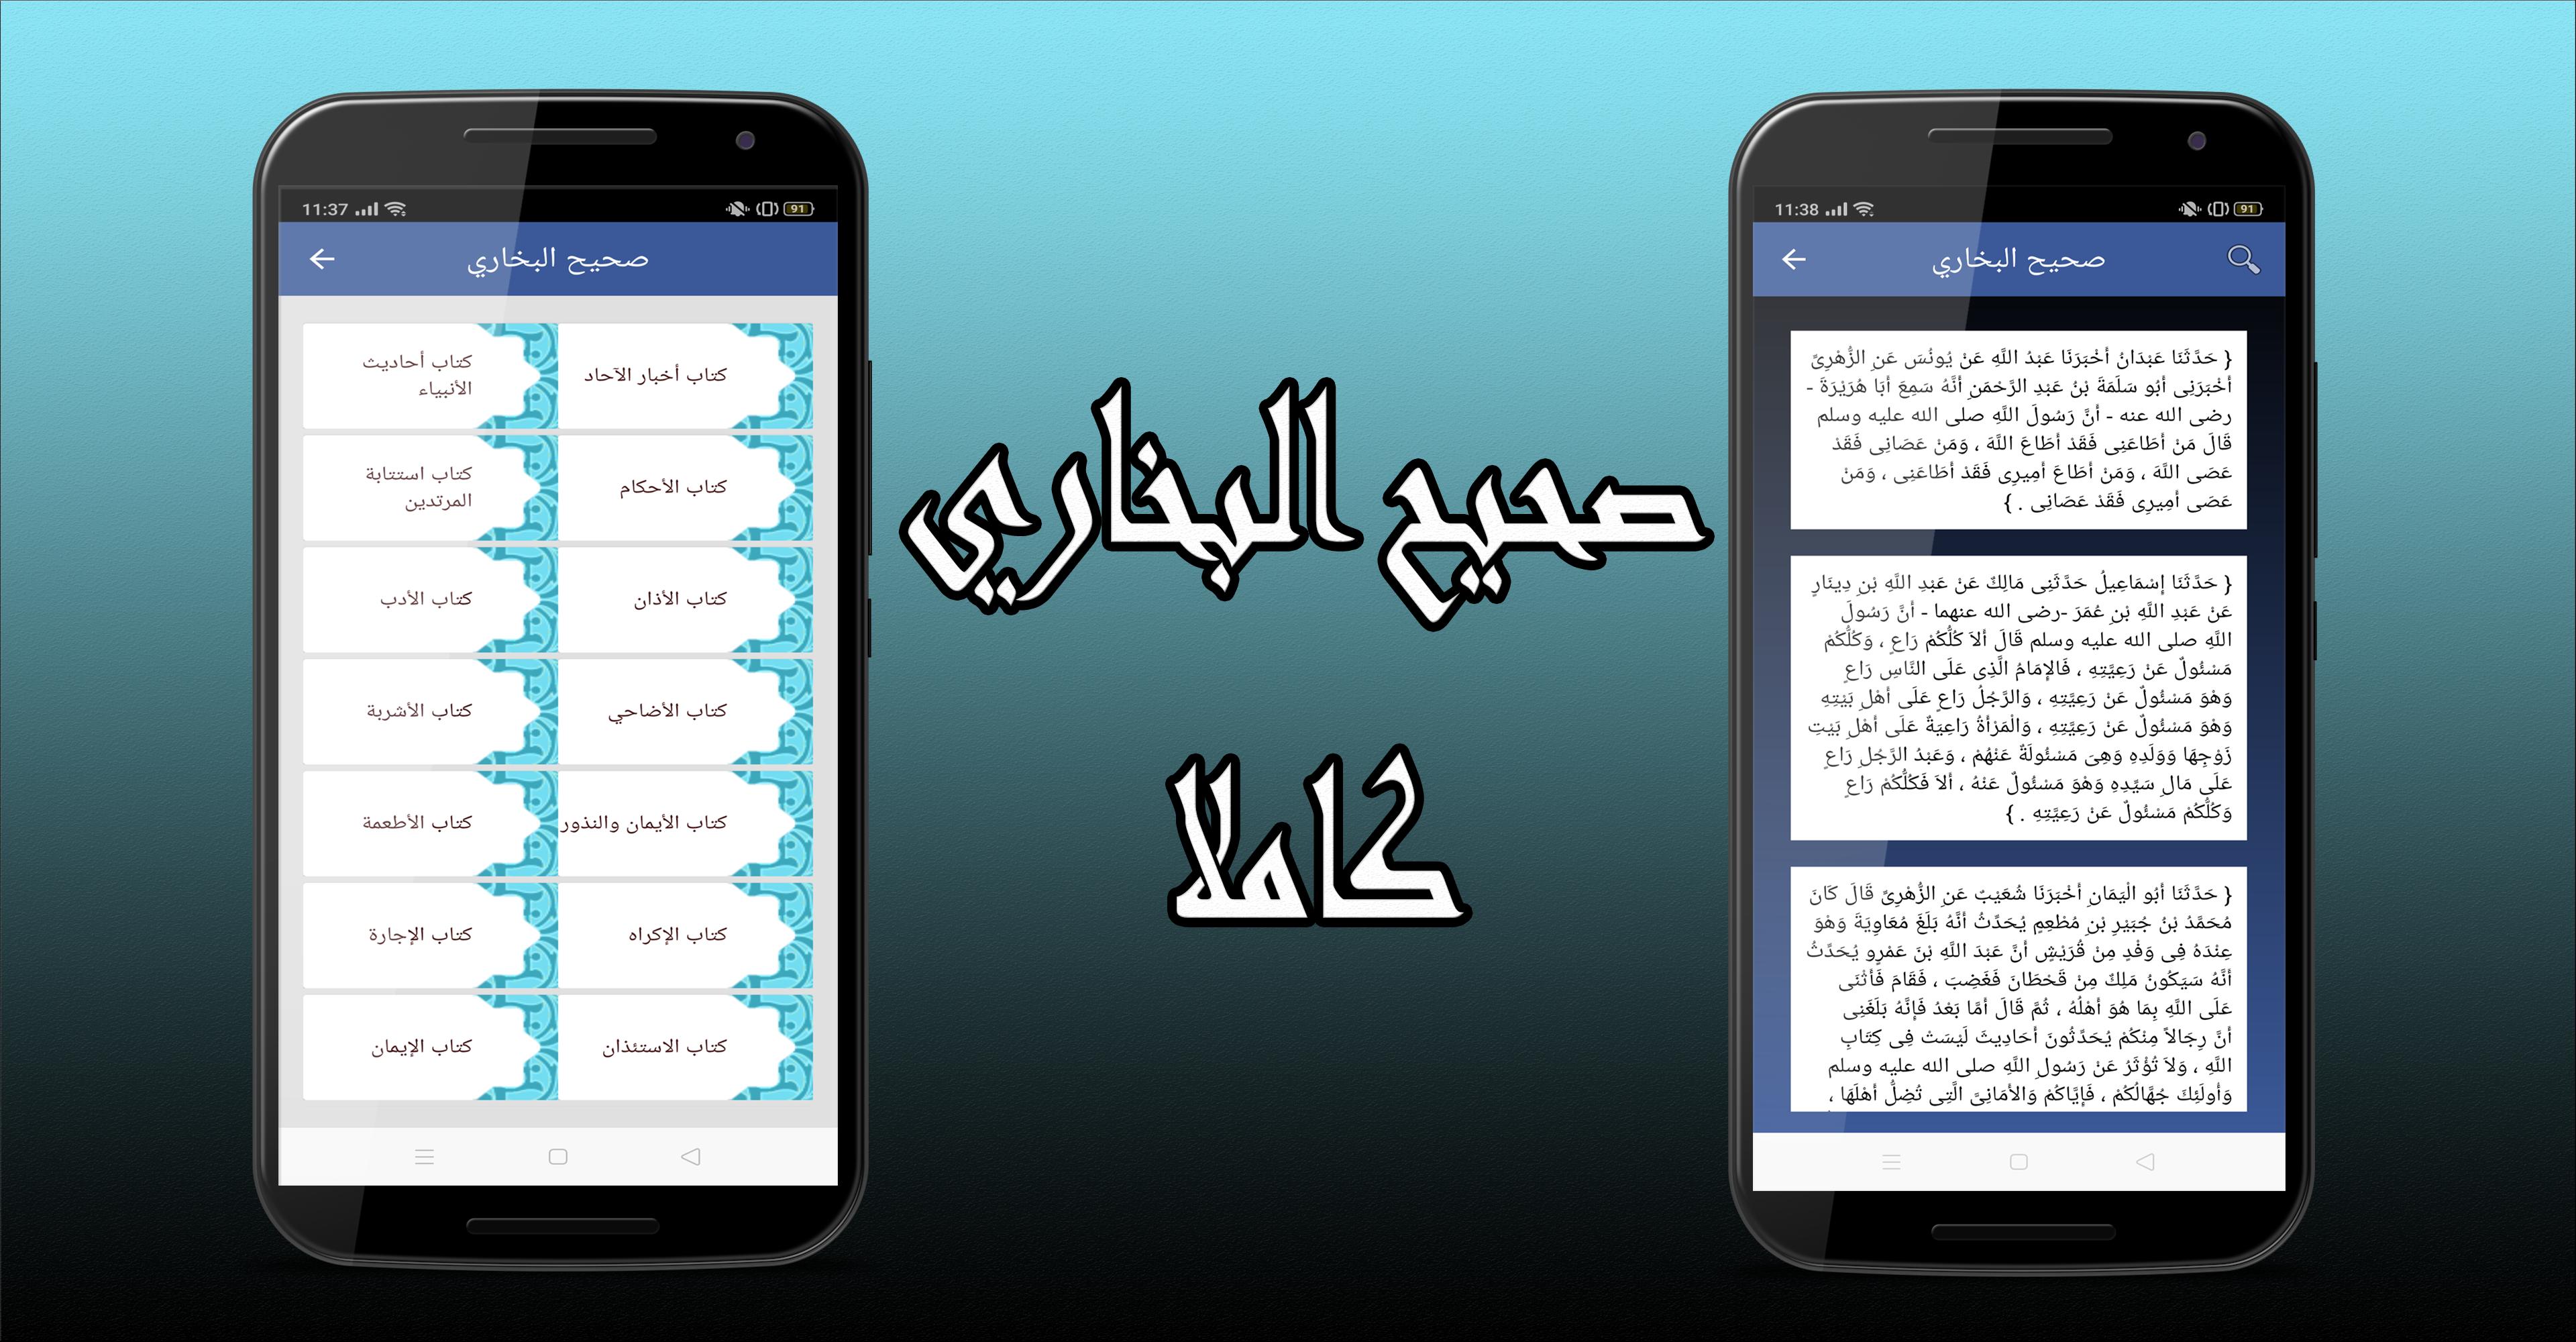 تطبيق زادك يا مسلم حمل الان P_1497fzq3o7